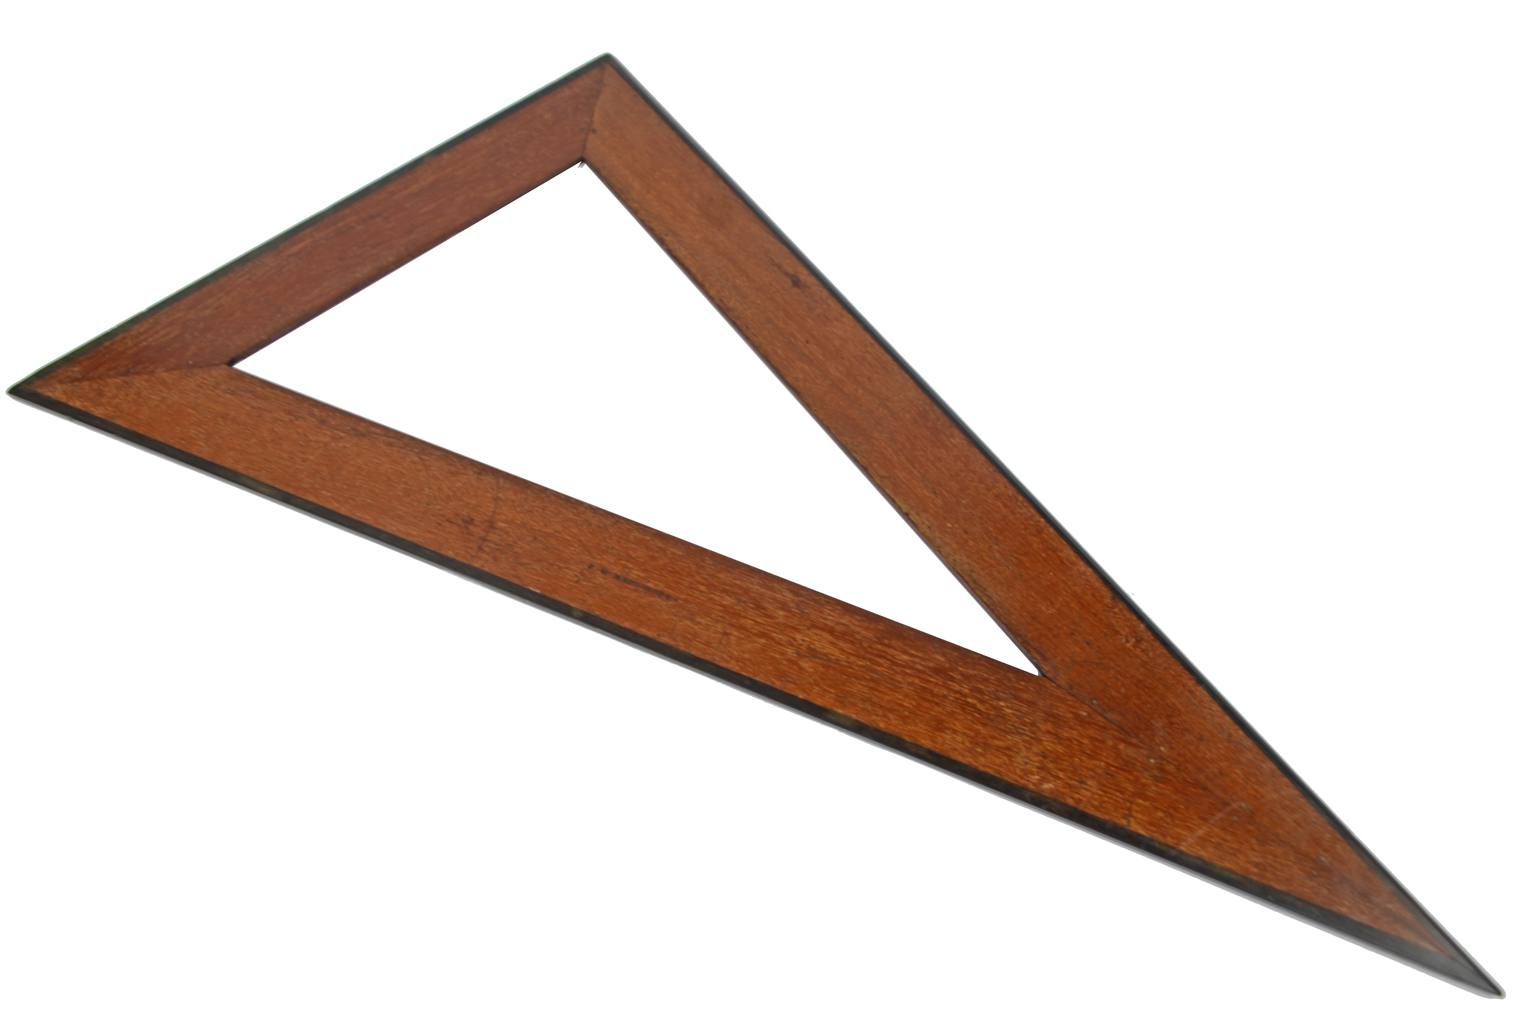 Strumenti di misura antichi/4008-Squadra mogano